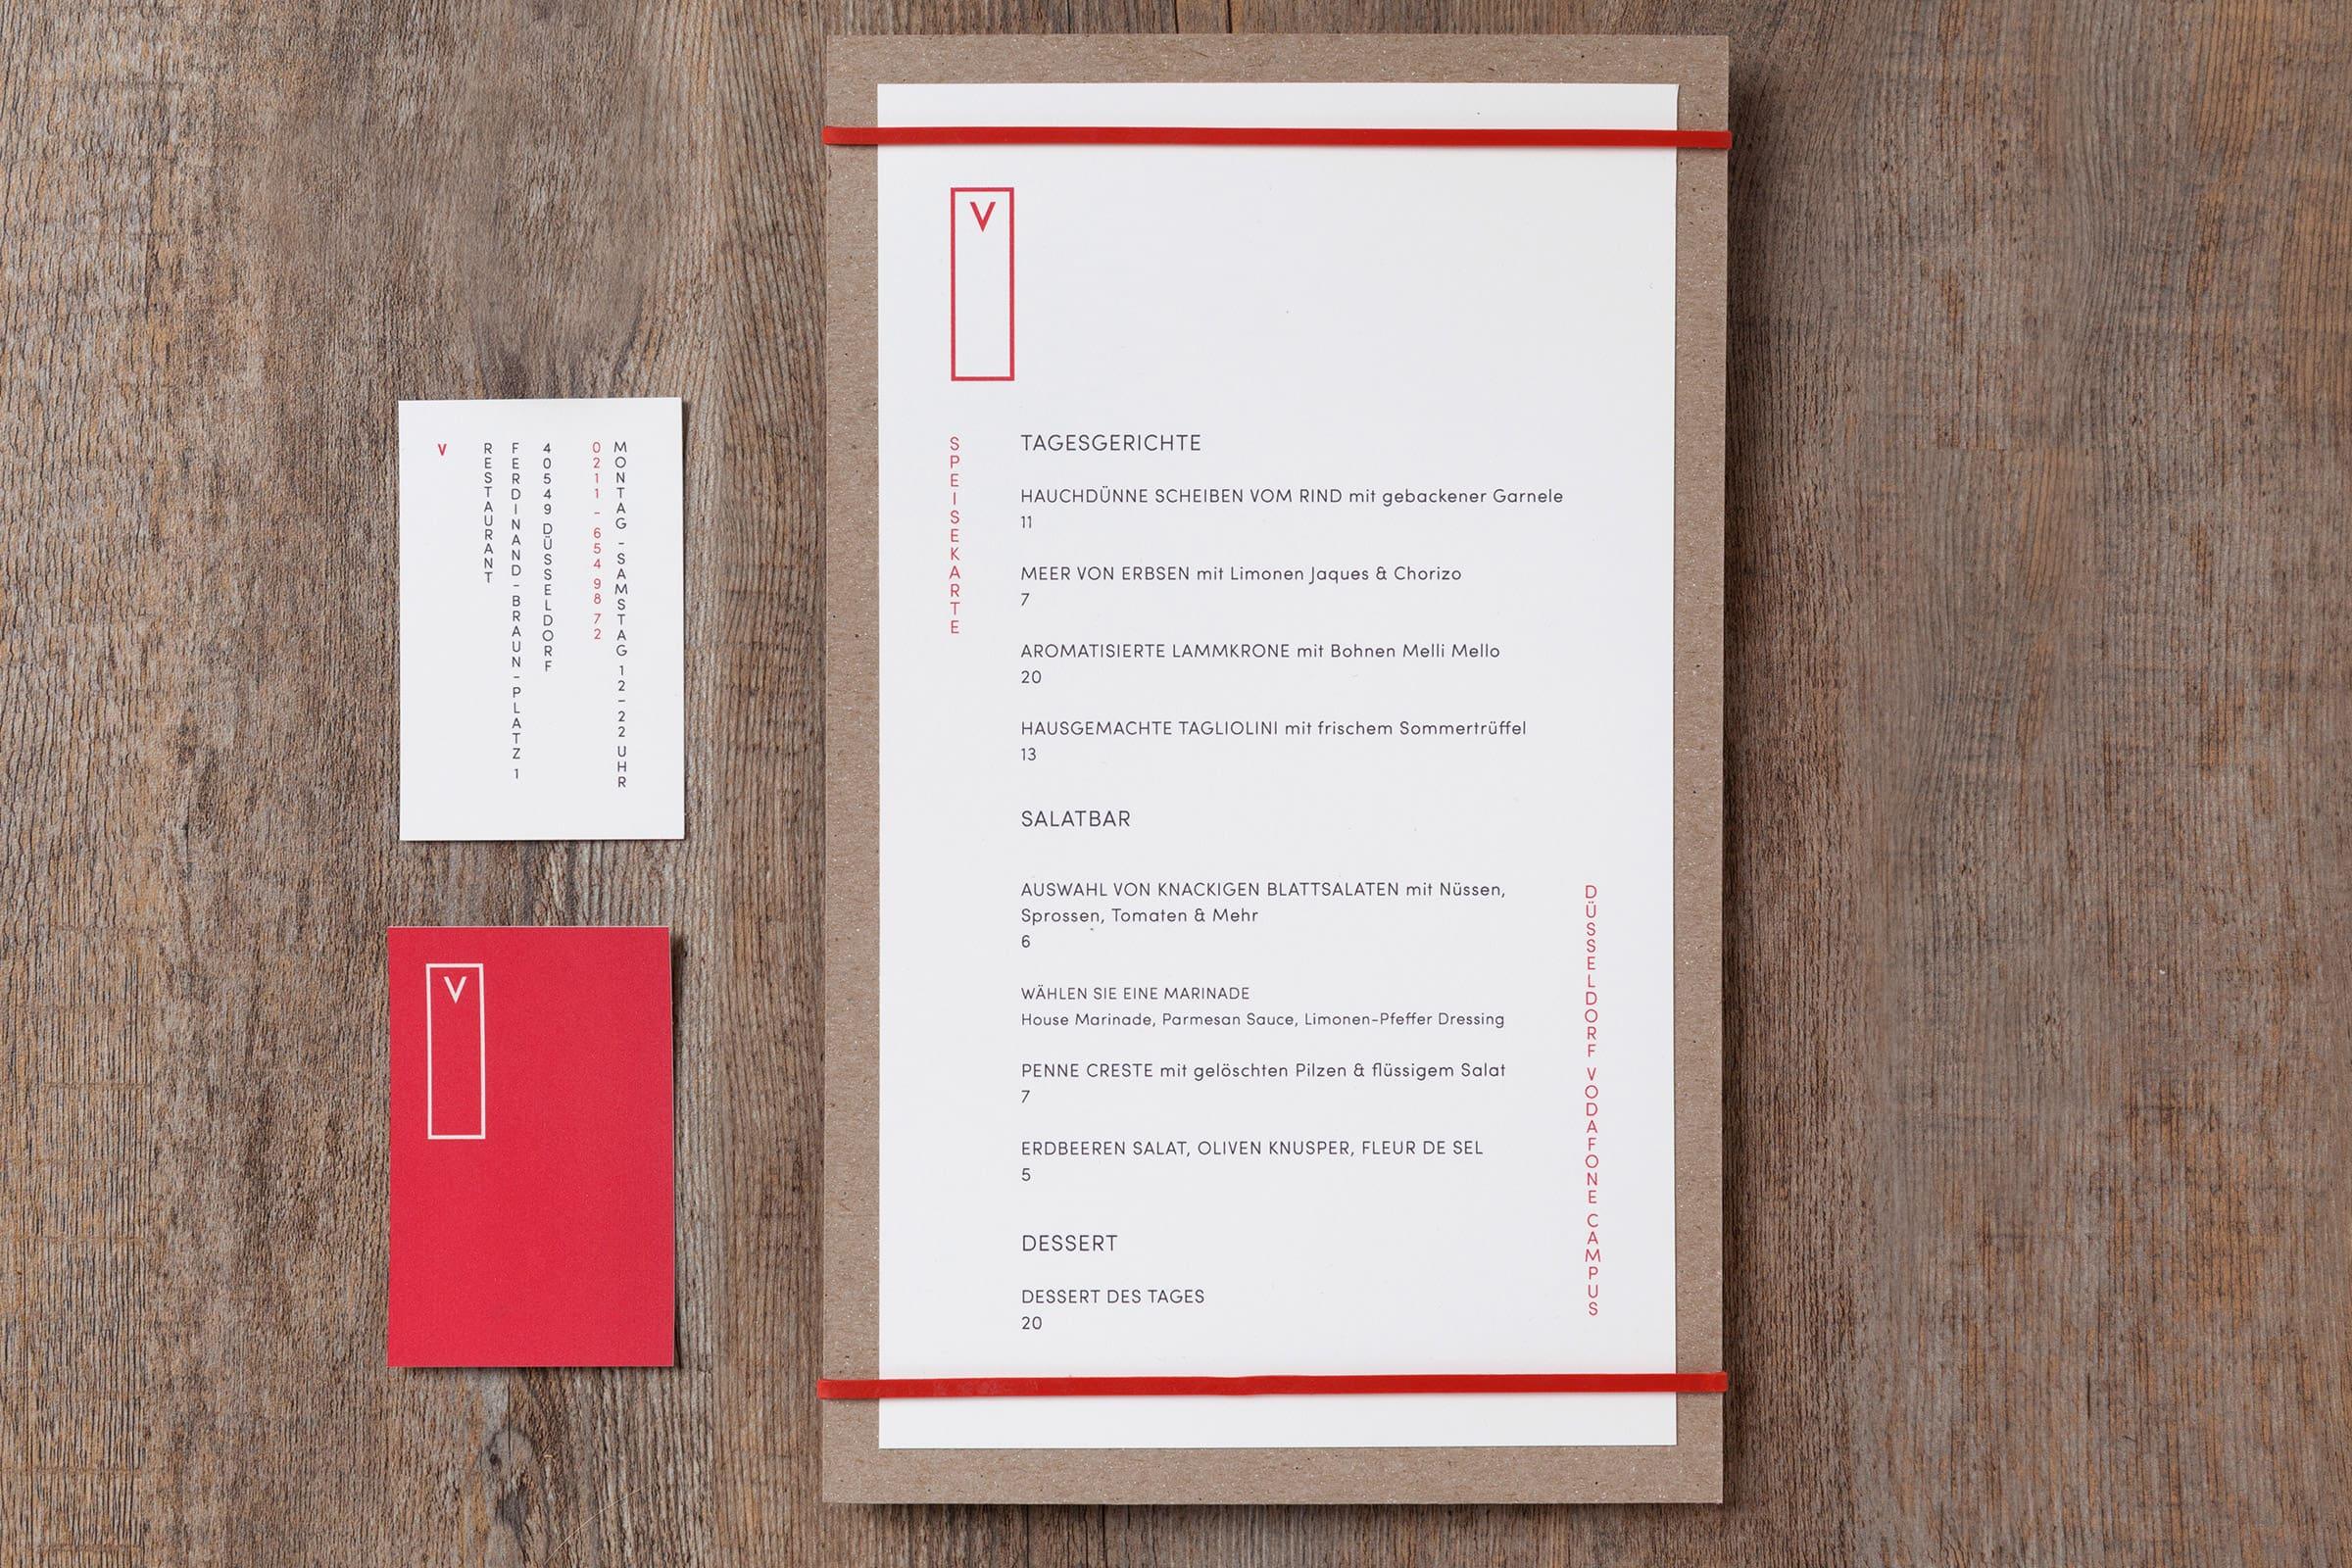 Speisekarte, Vodafone, Branding